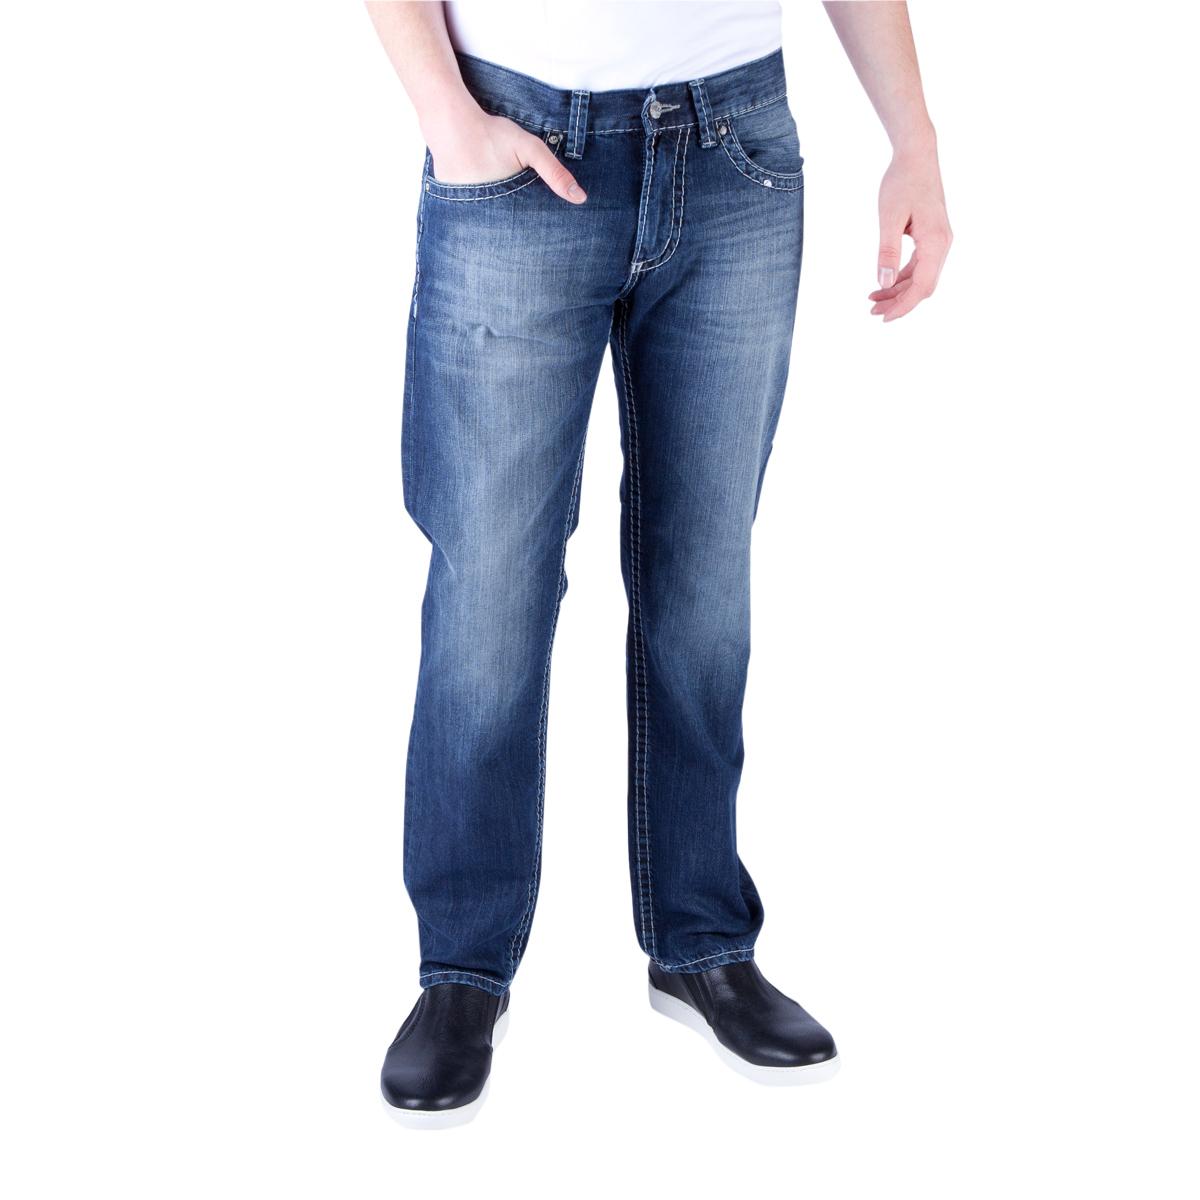 pioneer jeans herren hose jeanshose div farben modelle w 30 50 l 30 38 ebay. Black Bedroom Furniture Sets. Home Design Ideas